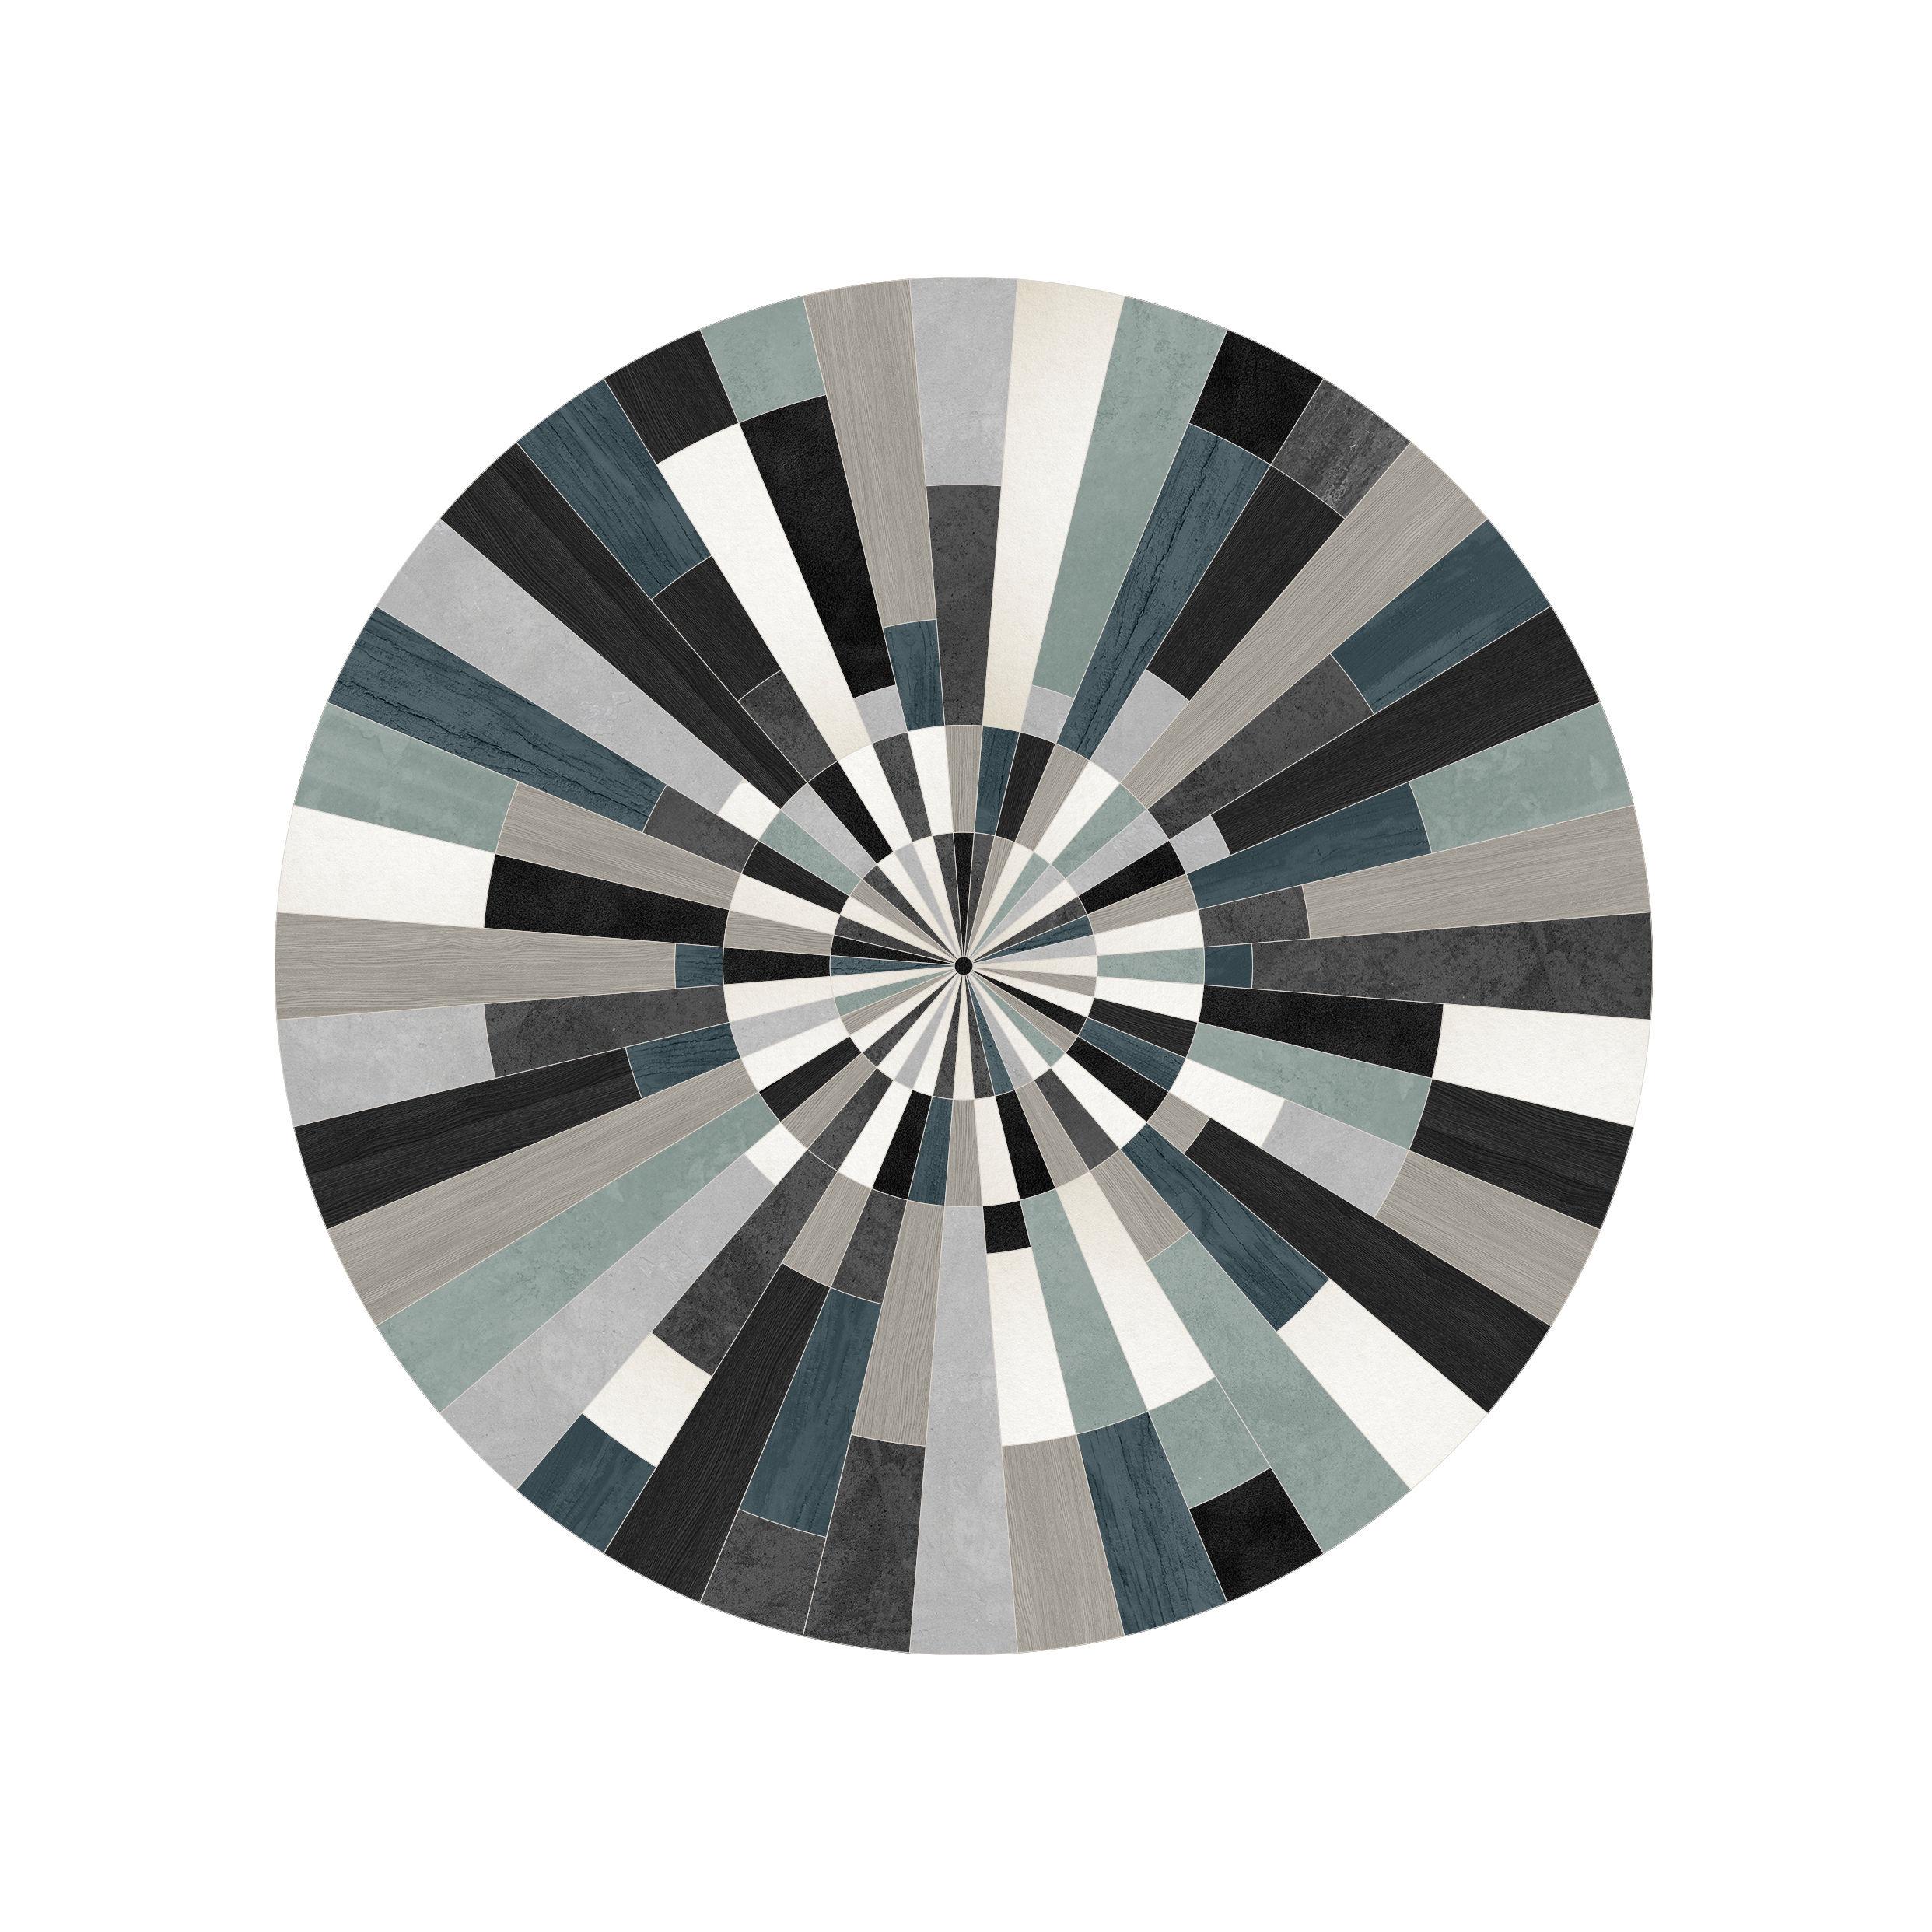 Outdoor - Déco et accessoires - Tapis Fragments / Ø 99 cm - Vinyle - PÔDEVACHE - Fragments / Bleu, noir & gris - Vinyle